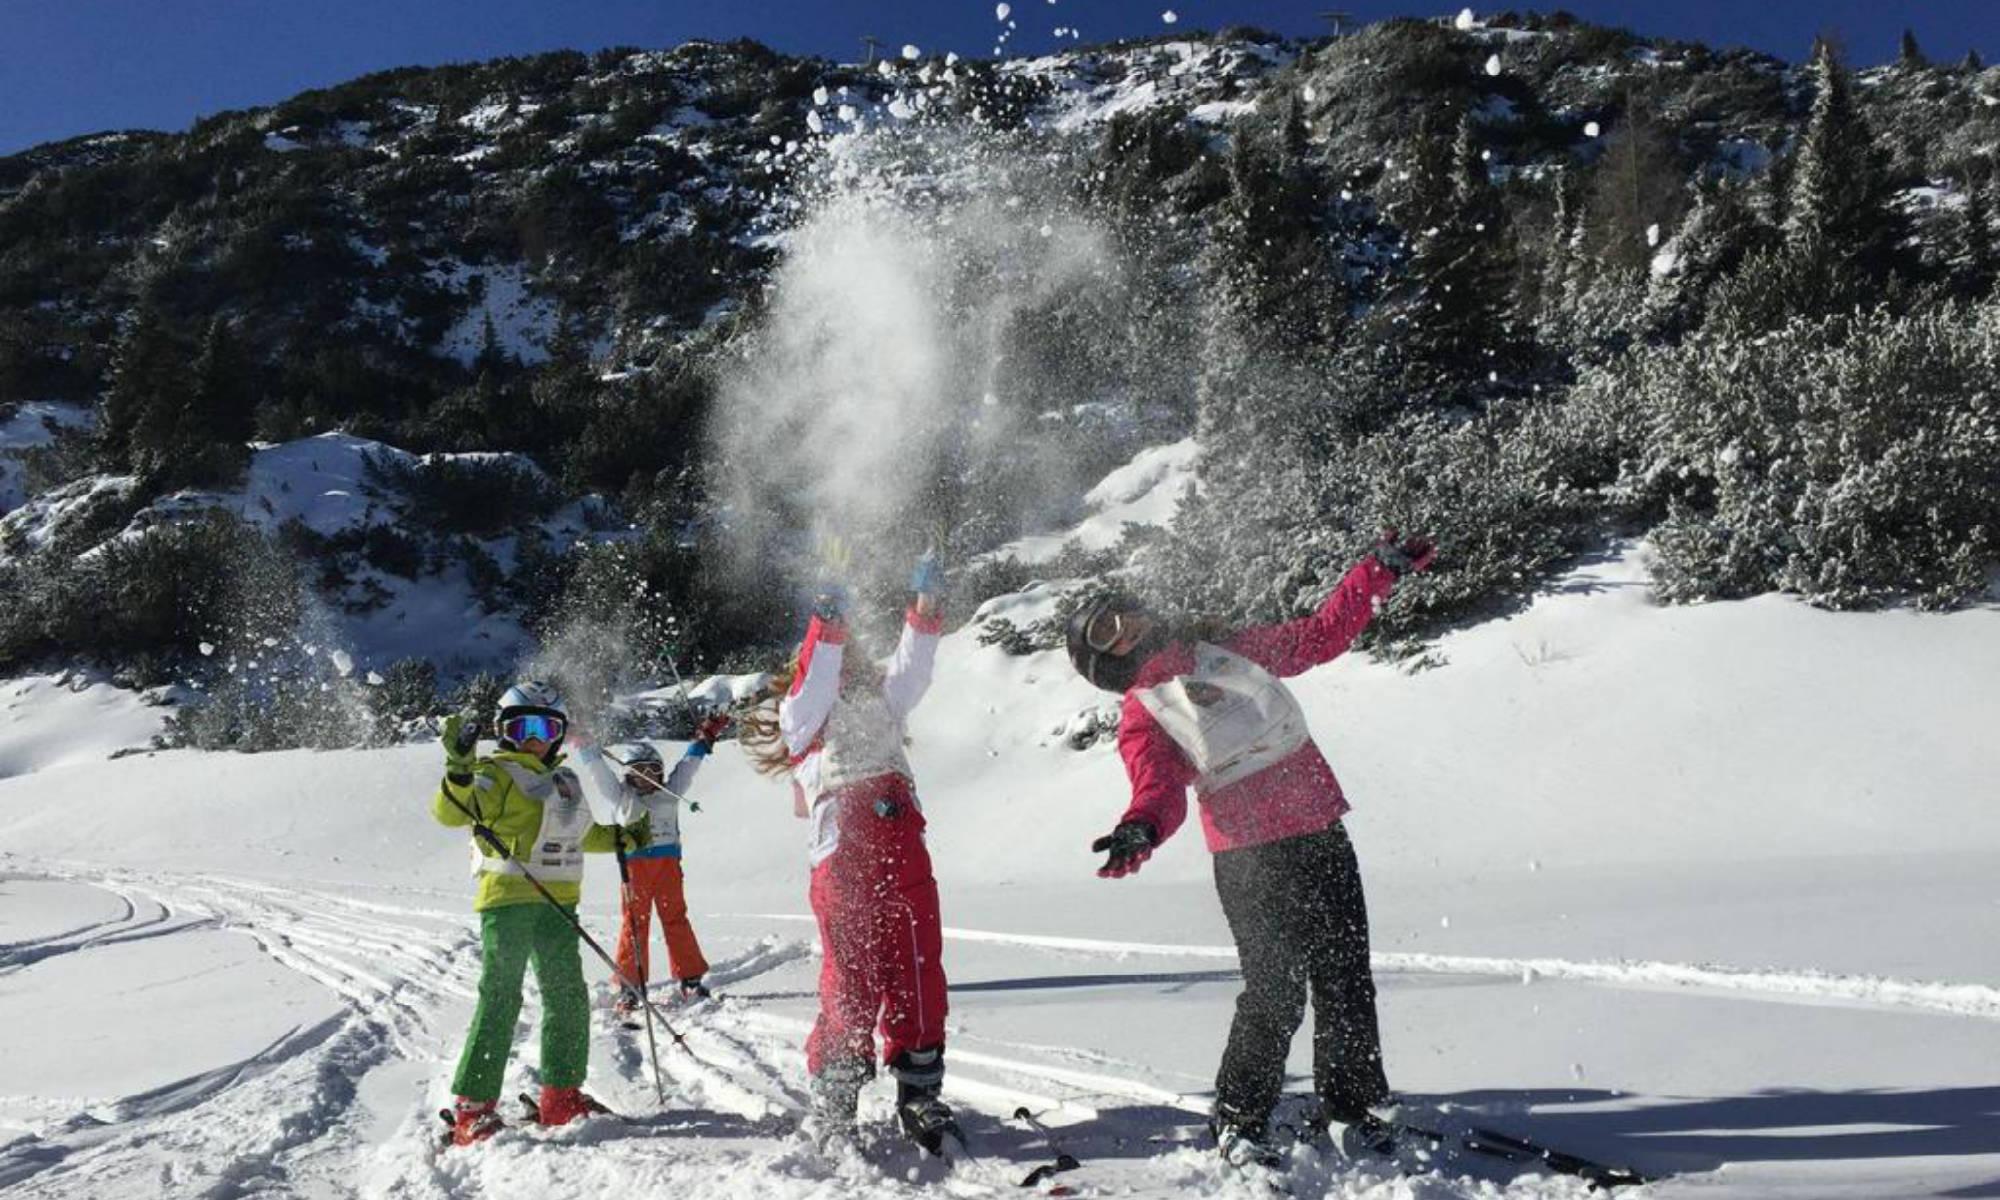 I partecipanti di un corso di sci ad Andalo lanciano la neve in aria.